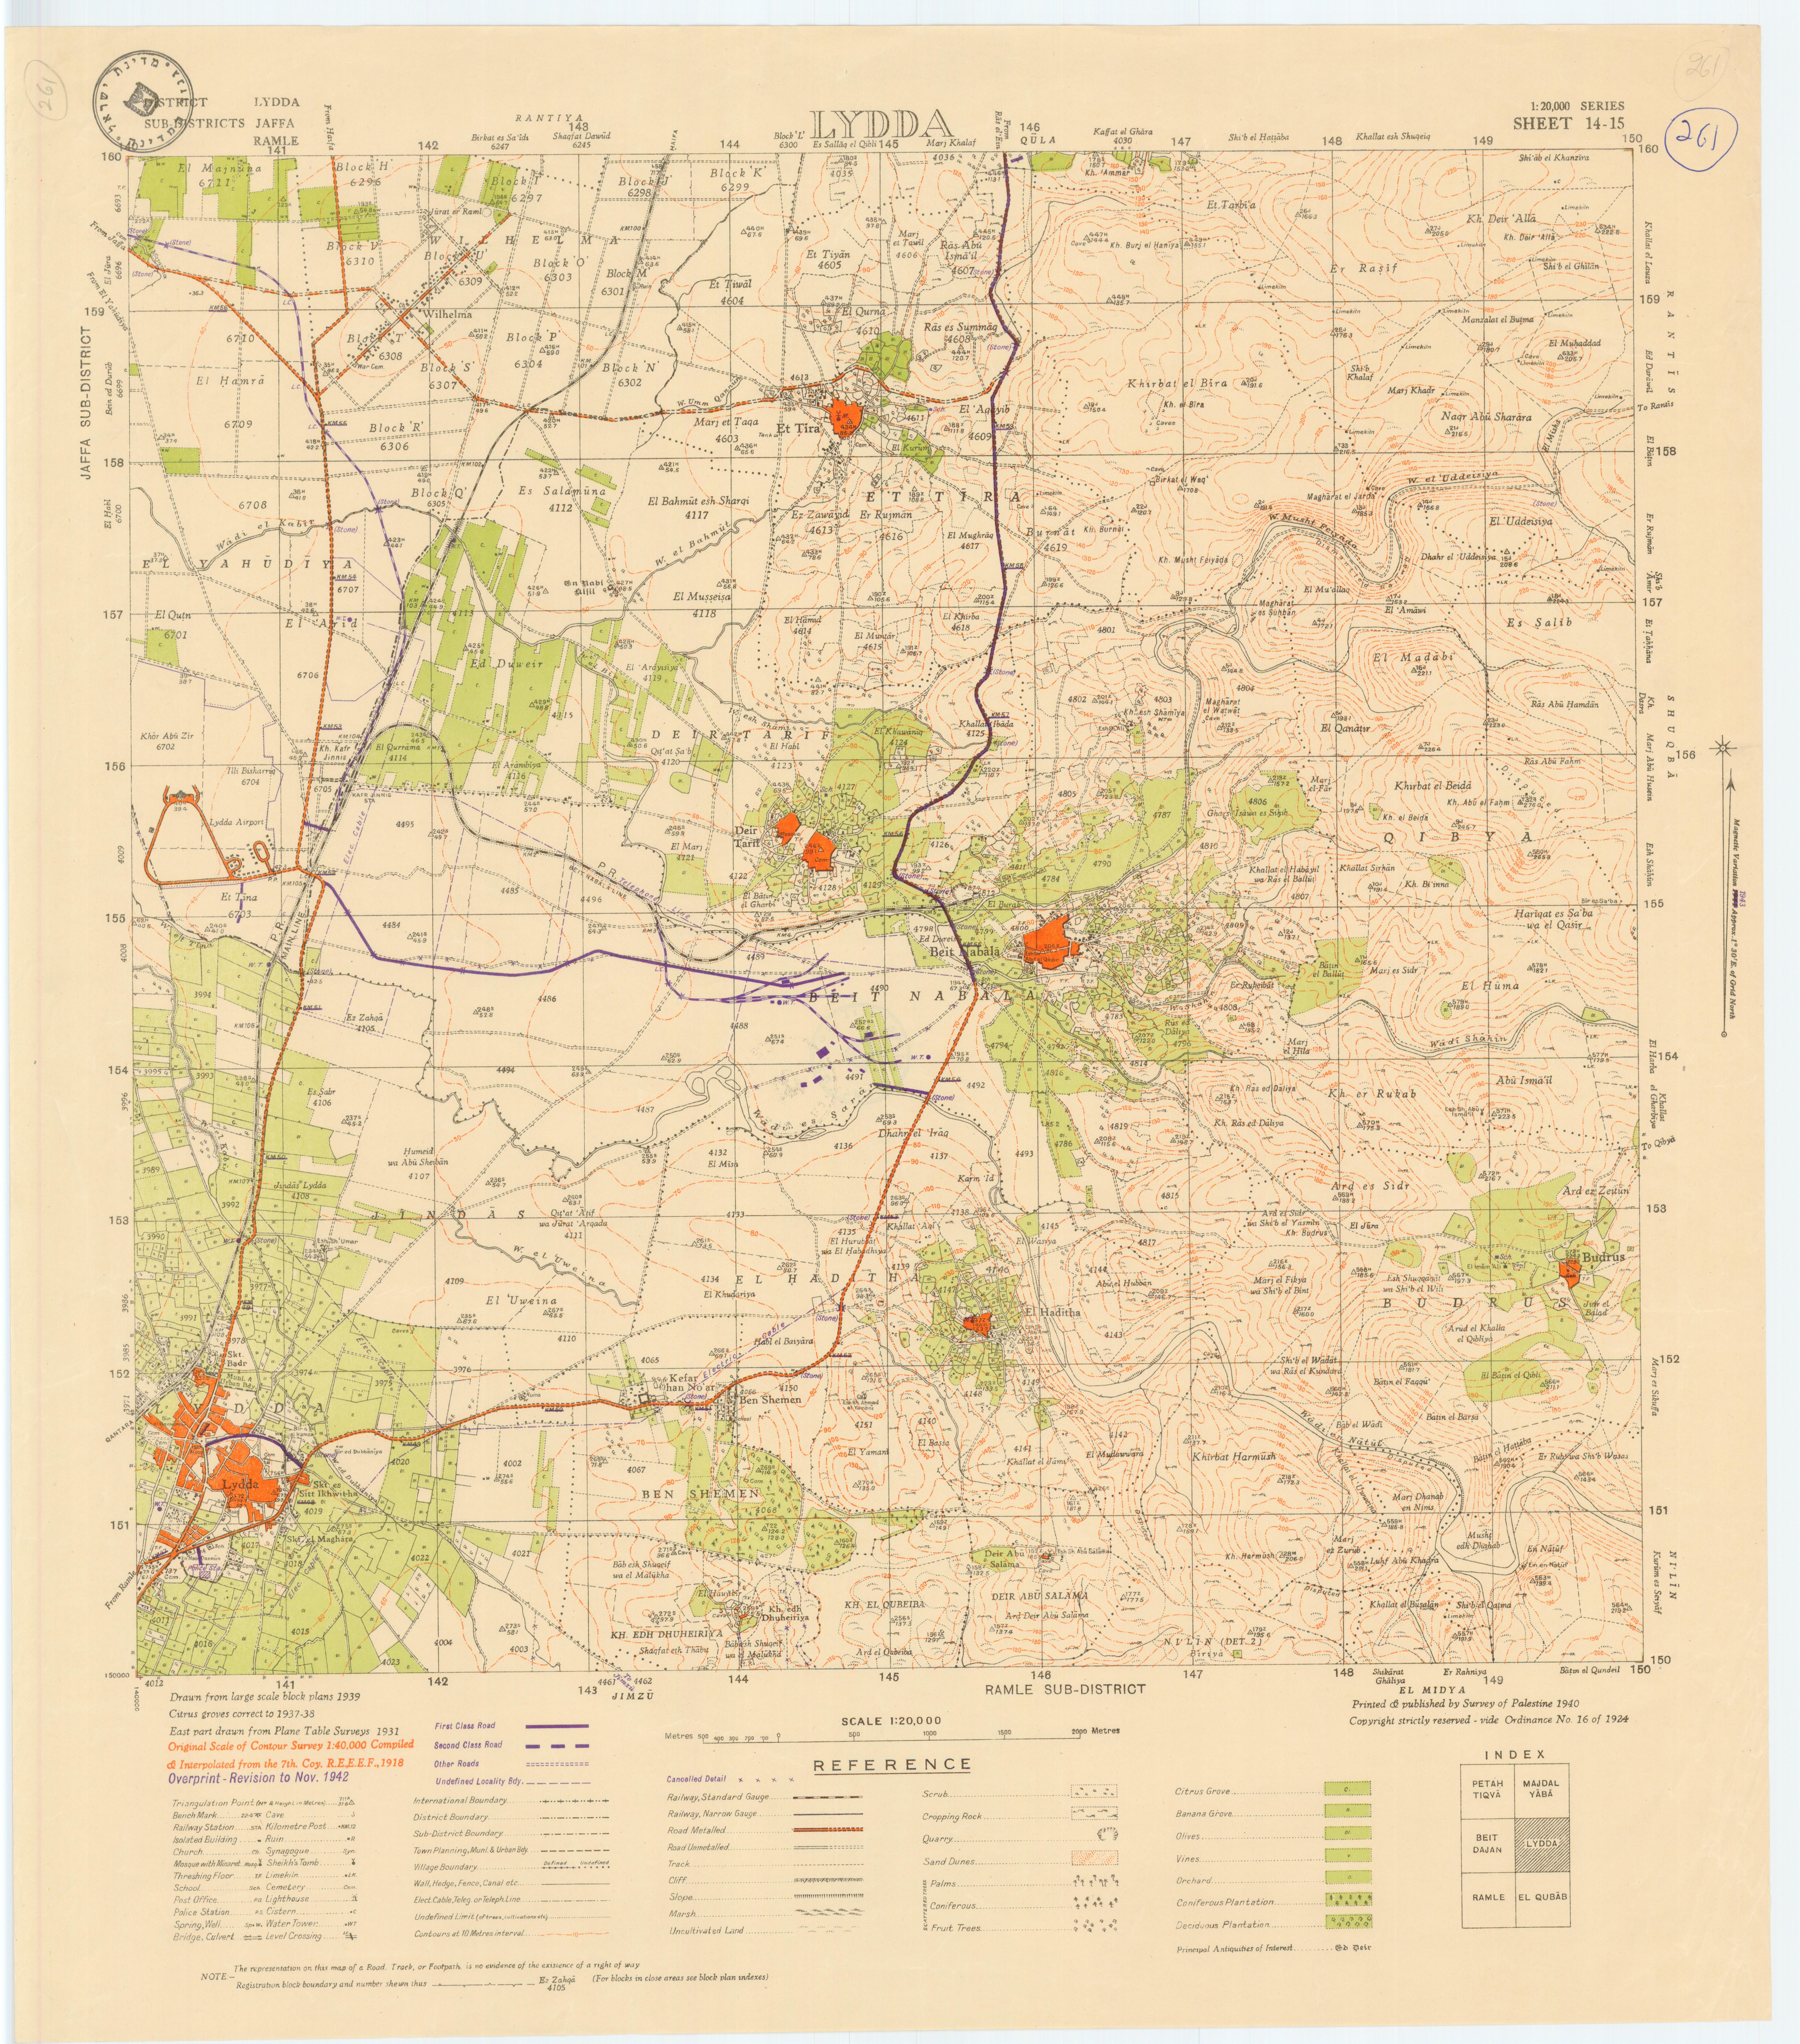 מפת פלסטין- lydda district jaffa- sub-di